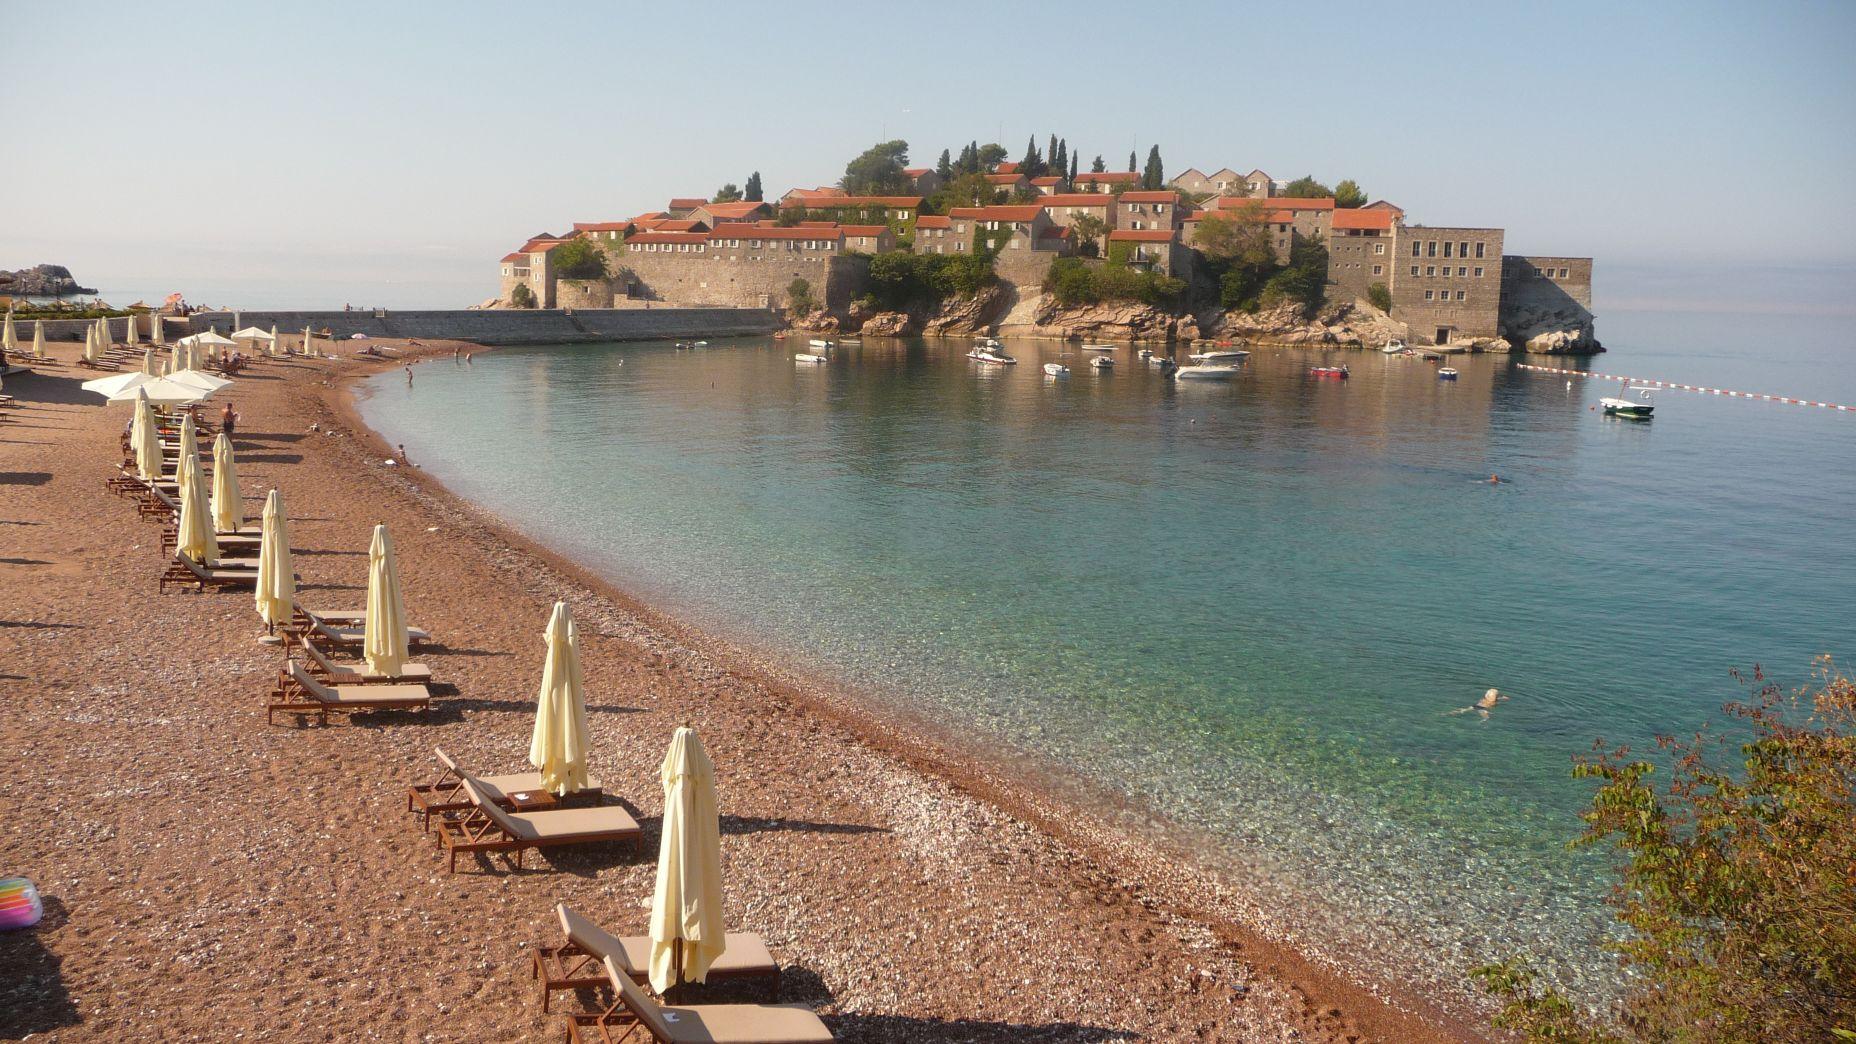 Czarnogóra - Podstawowe informacje - przewodnik, zdjęcia, atrakcje